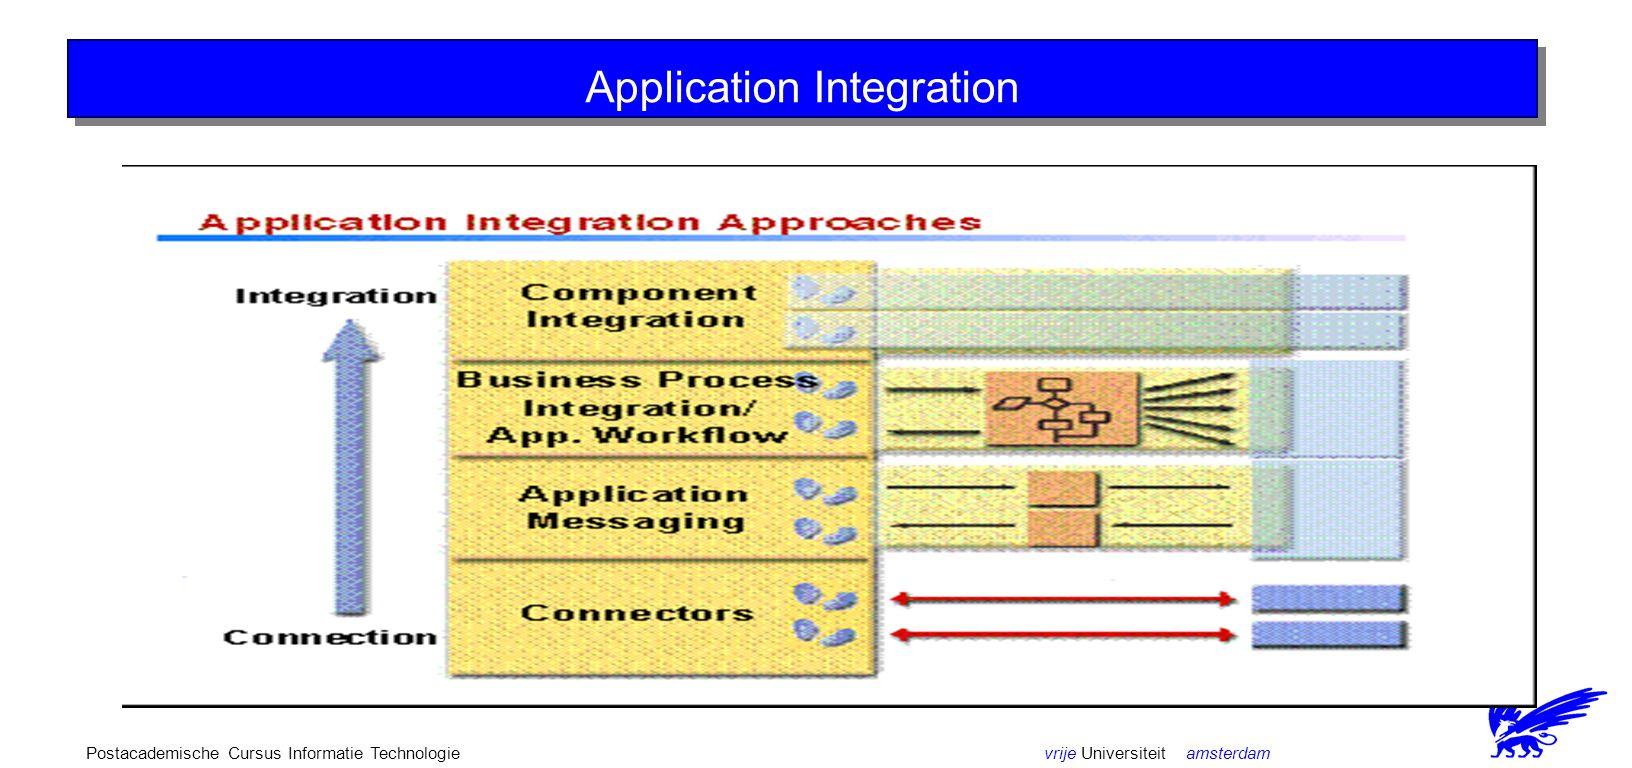 vrije Universiteit amsterdamPostacademische Cursus Informatie Technologie Java as the platform